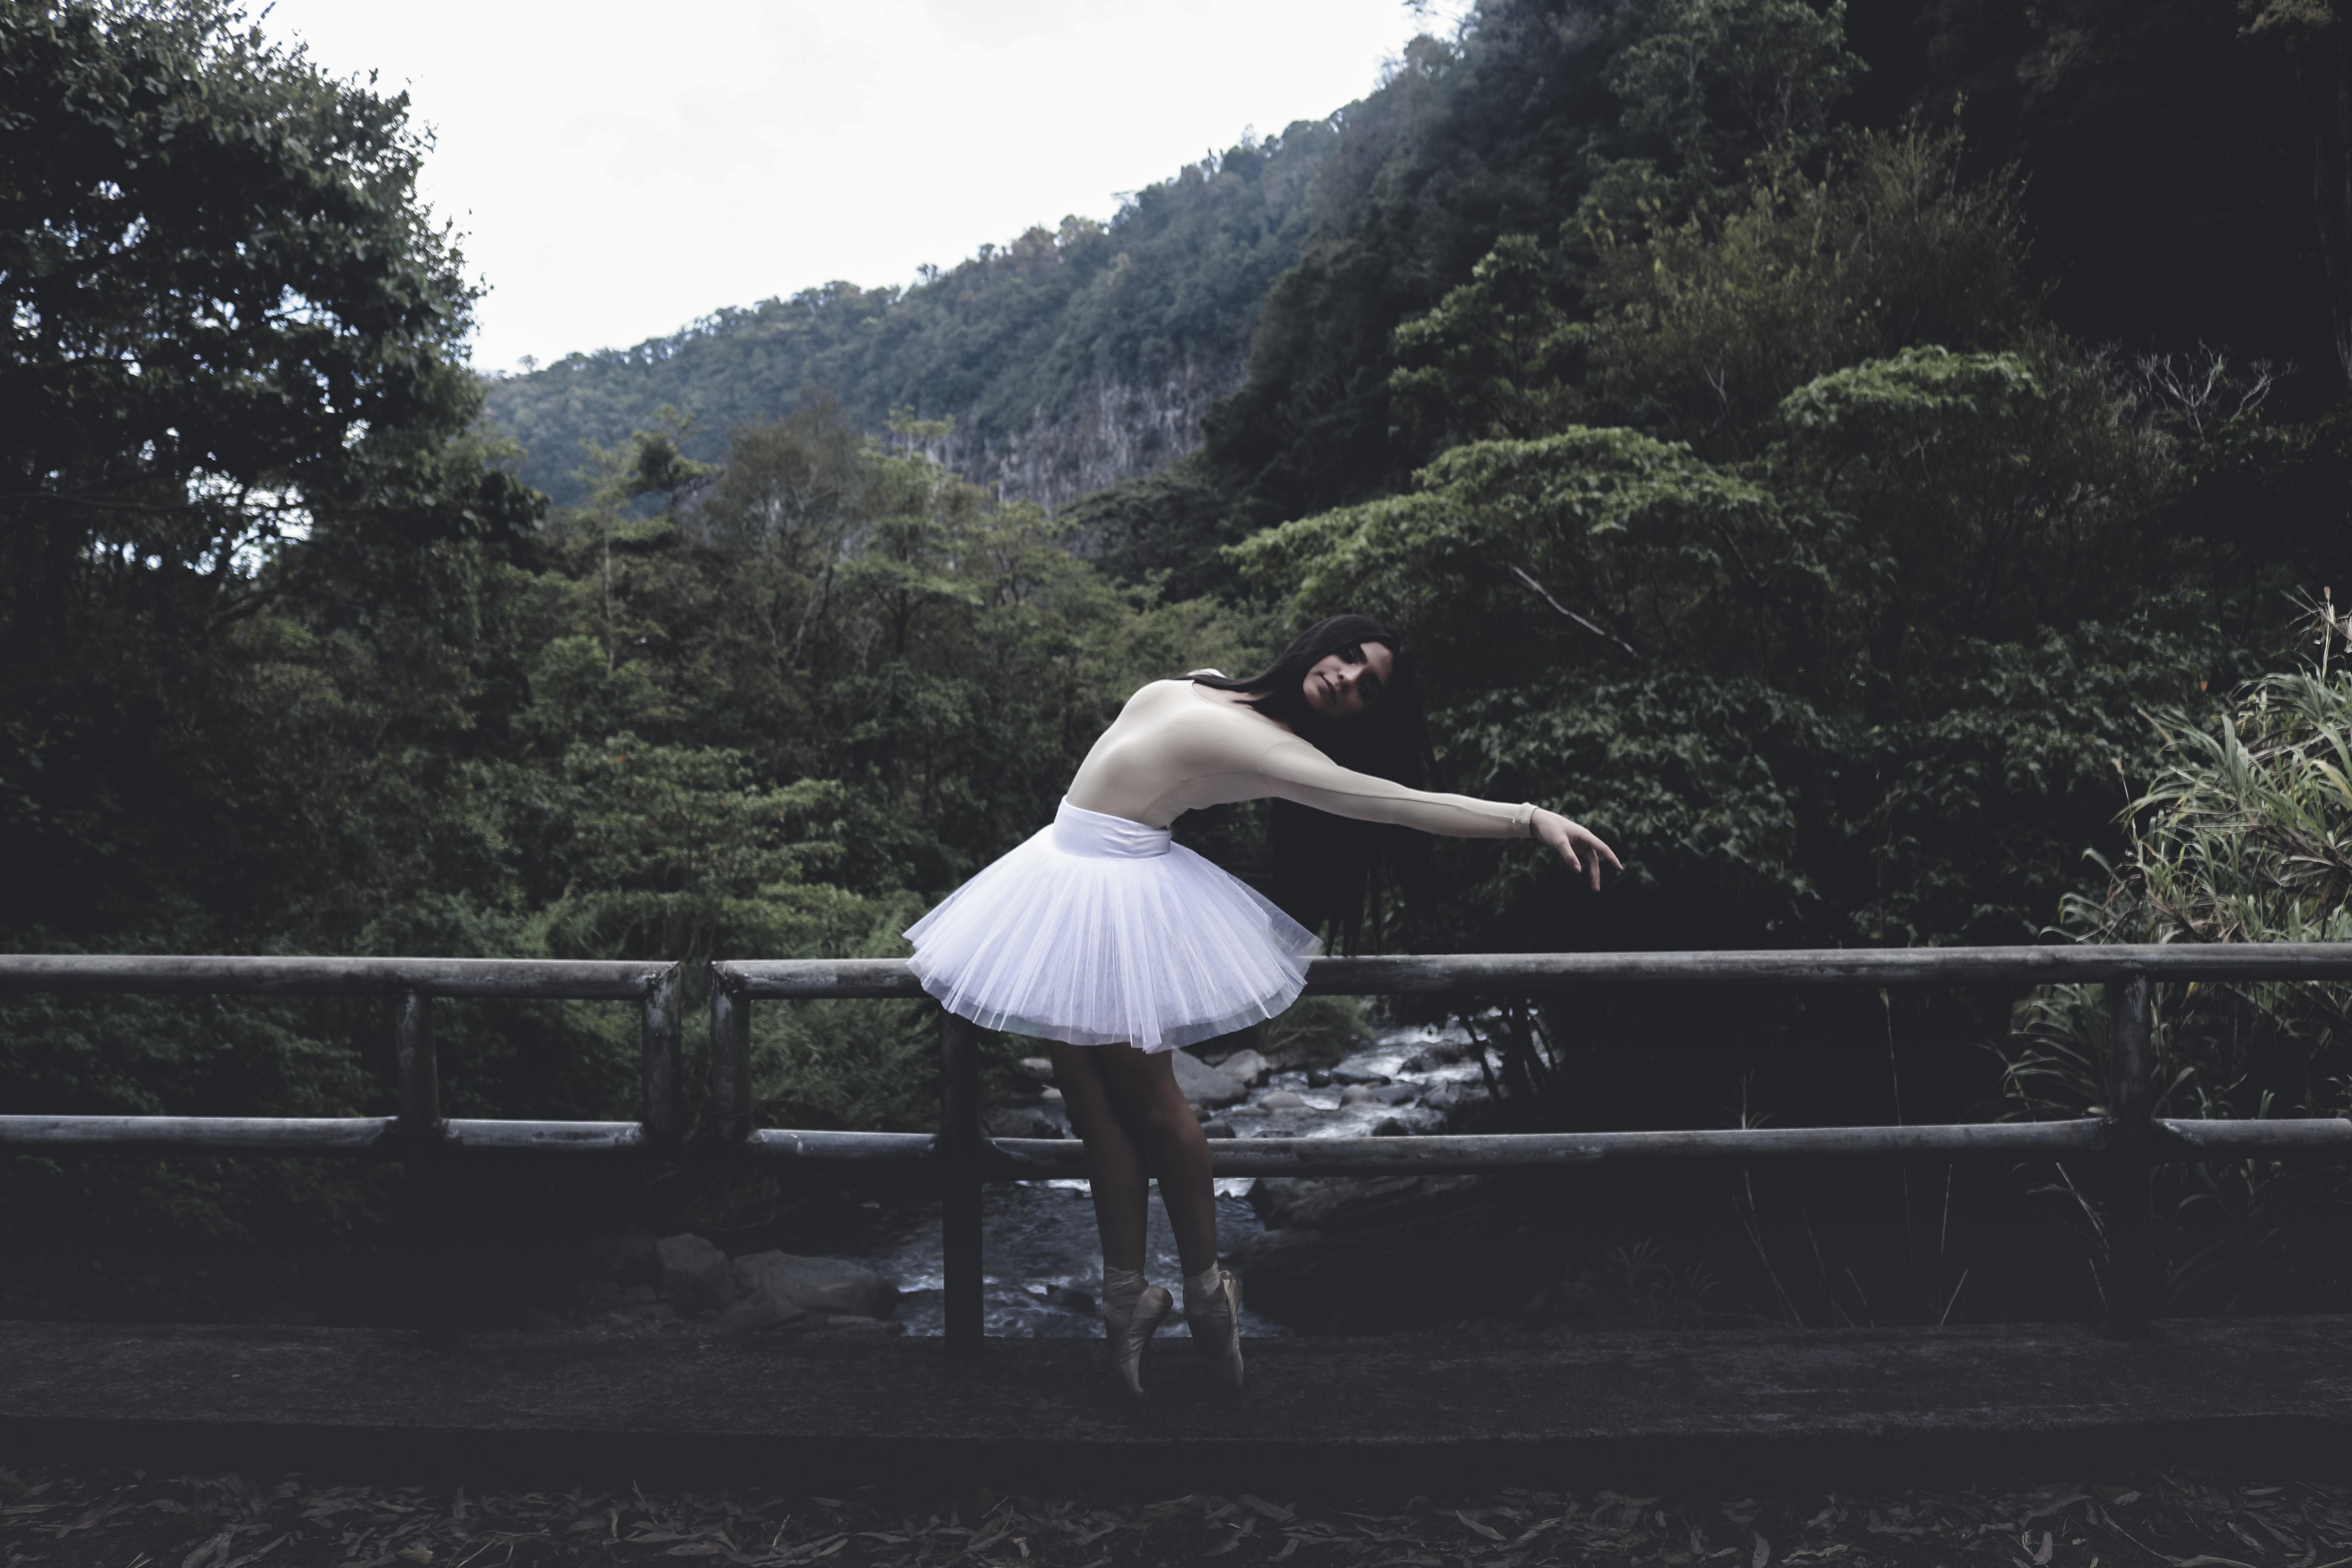 woman in tutu dress on bridge